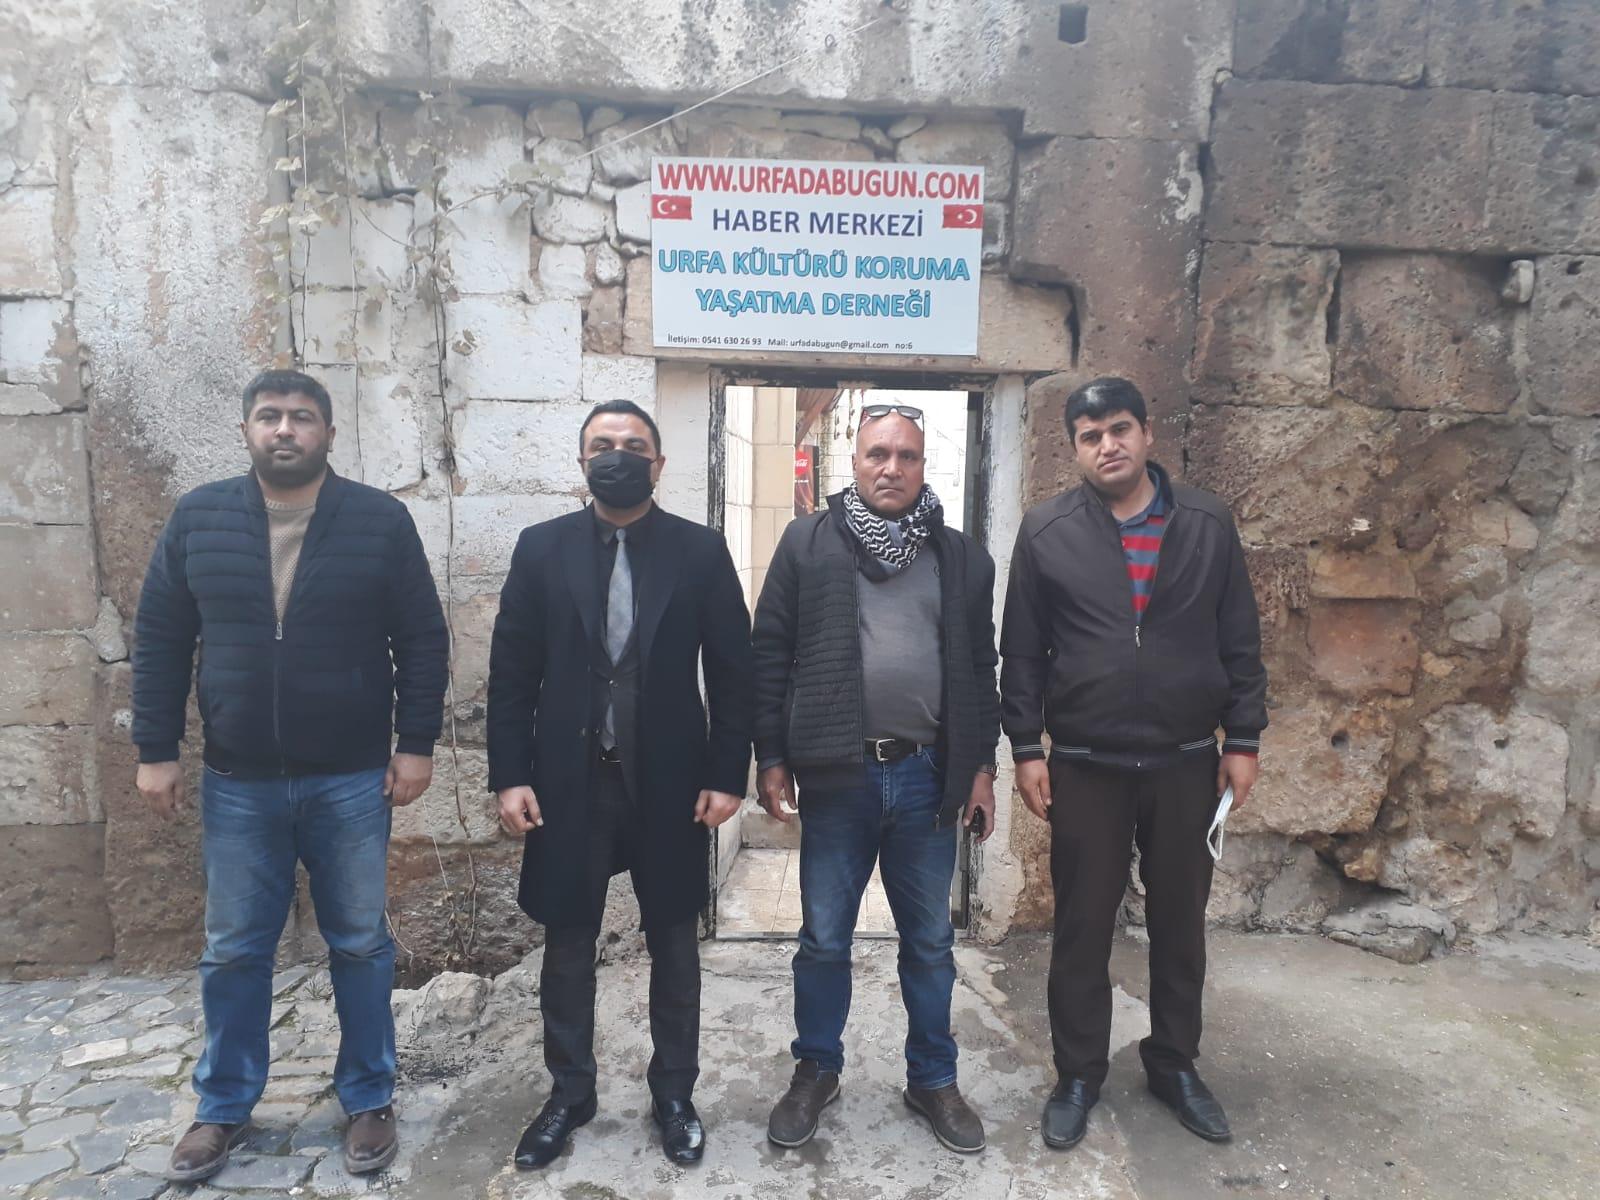 CHP Haliliye'den Medya Organlarımıza Ziyaret!